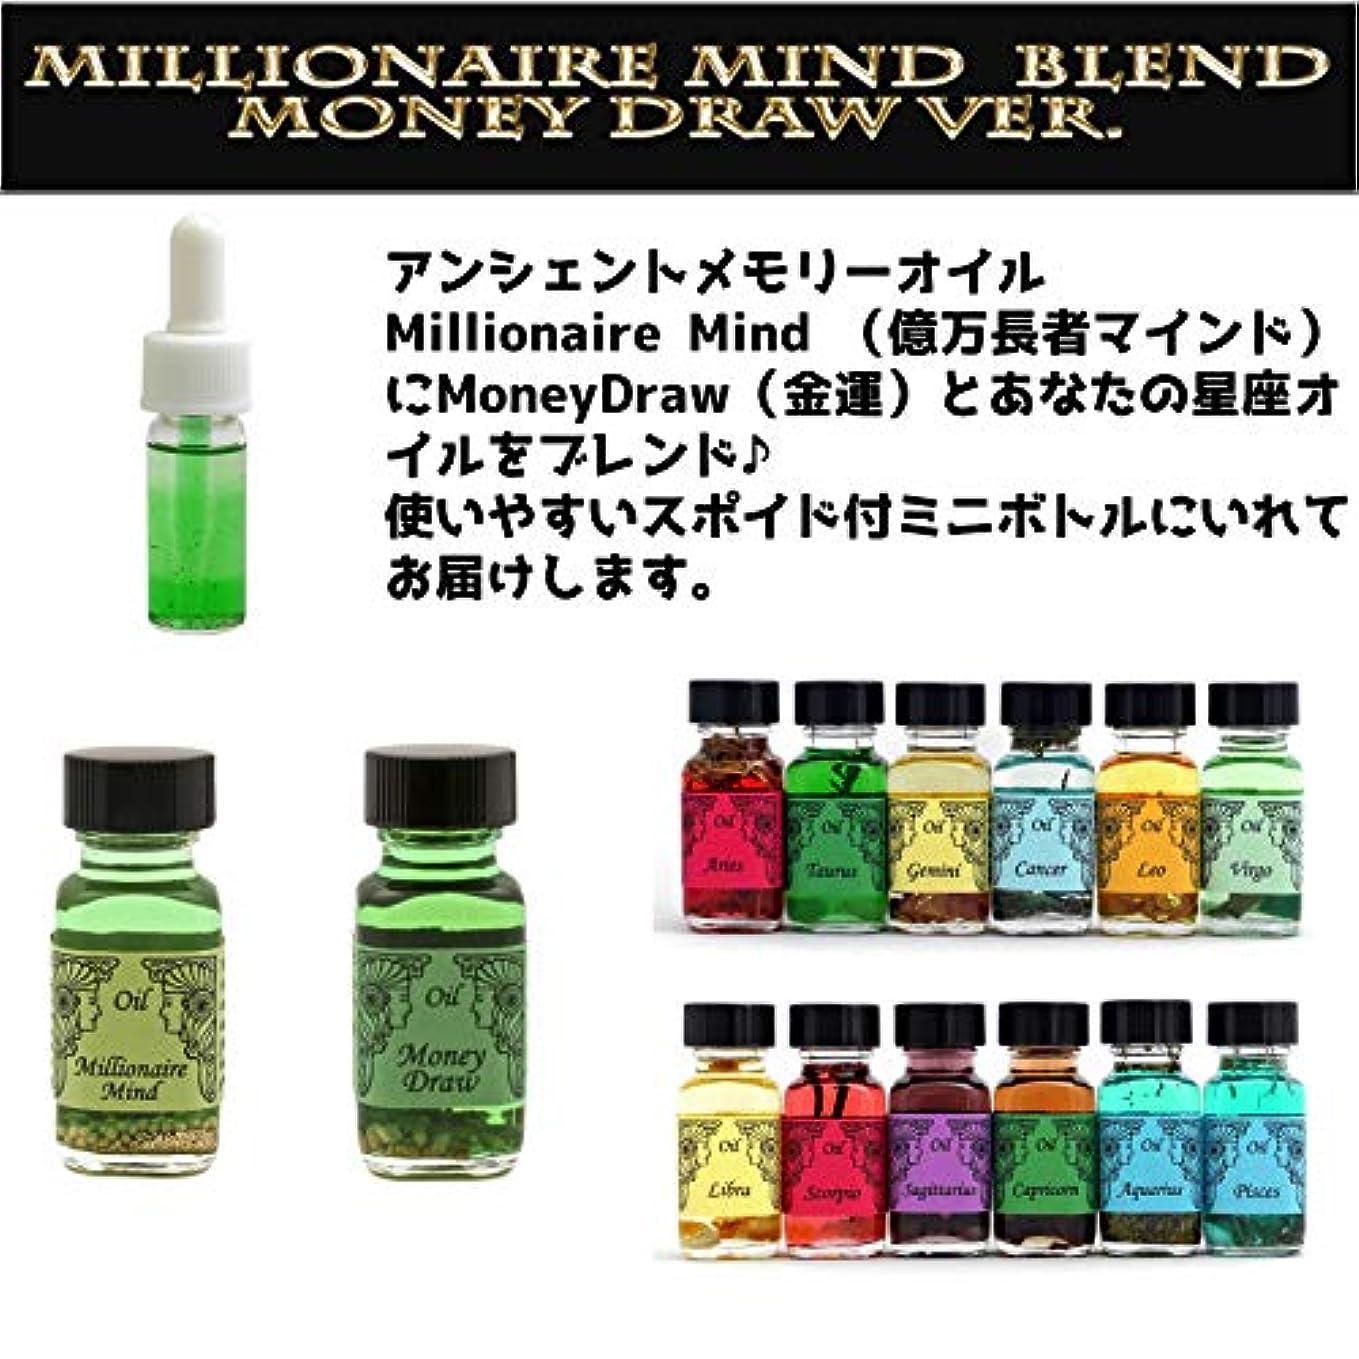 デッド帳面受粉するアンシェントメモリーオイル Millionaire Mind 億万長者マインド ブレンド(Money Drawマネードロー(金運)&いて座